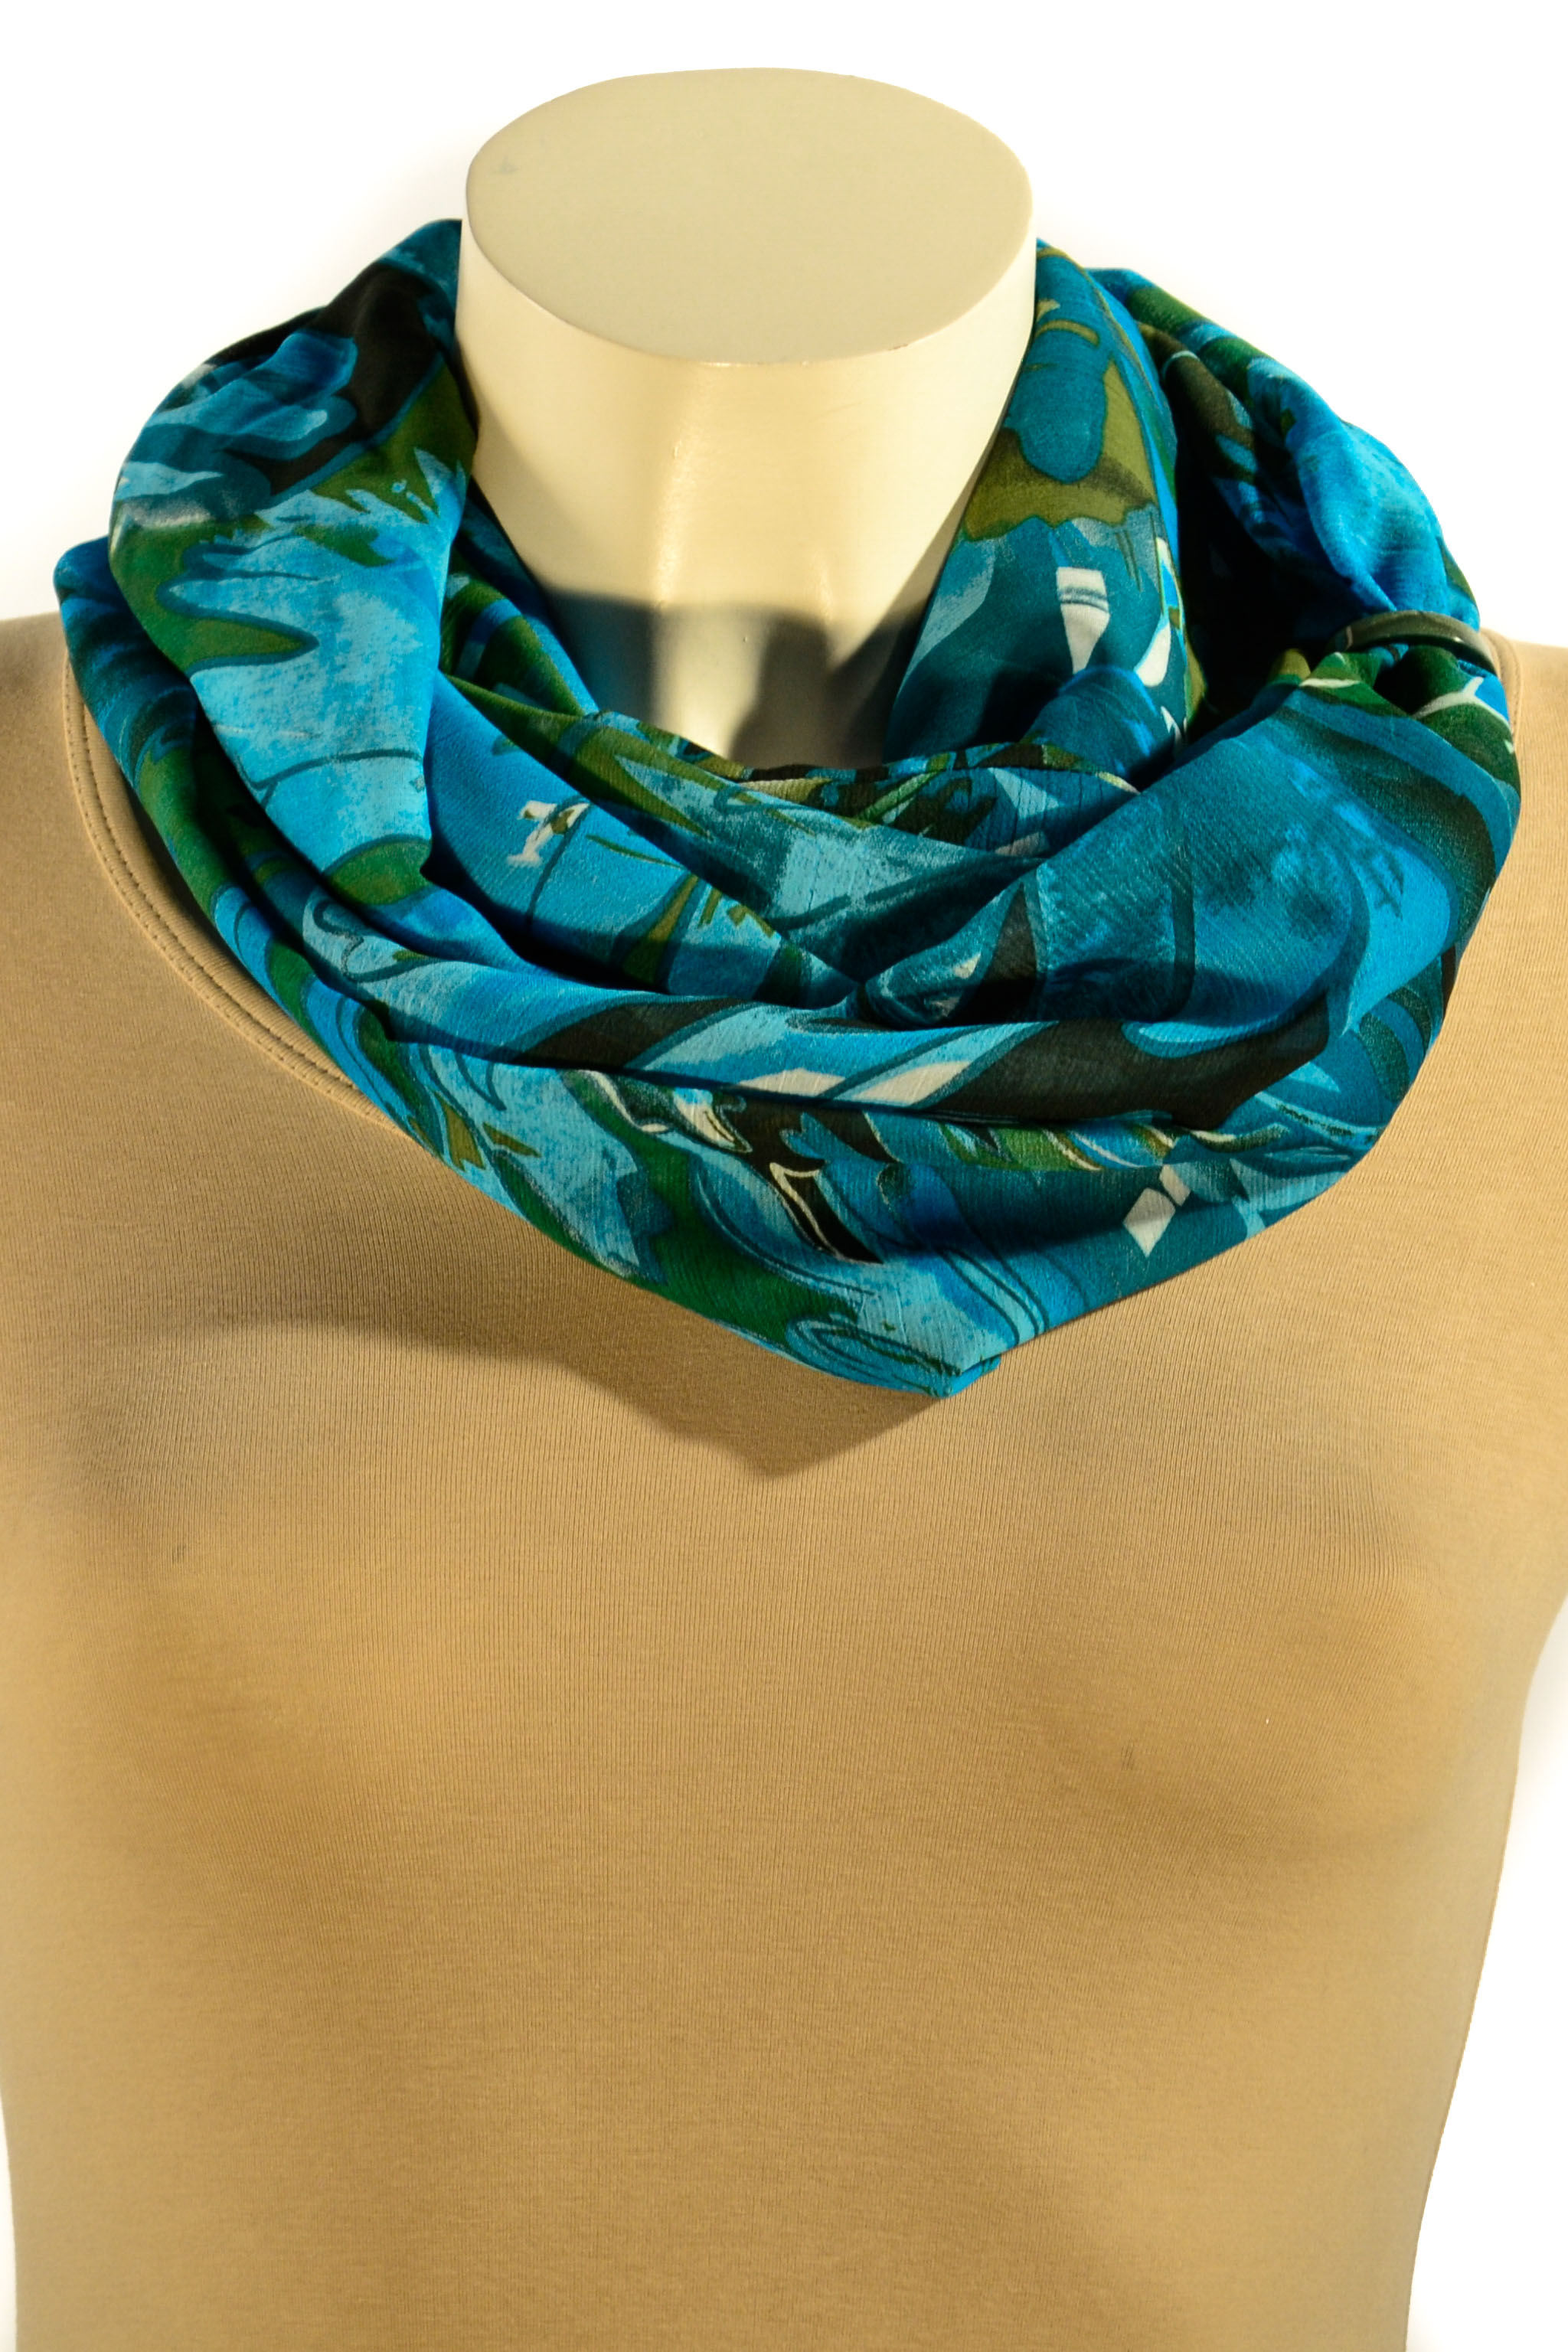 Шарф-дуэтШарфы<br>Шарф - дуэт это тандем шарфа и муфты, которая вшита в шарф - трубу. Шарф - труба в сшитом состоянии: длина 144 см, ширина 27 см. Шарф без аксессуаров.  В изделии использованы цвета: голубой, зеленый и др.<br><br>По сезону: Всесезон<br>Размер : UNI<br>Материал: Шифон<br>Количество в наличии: 2